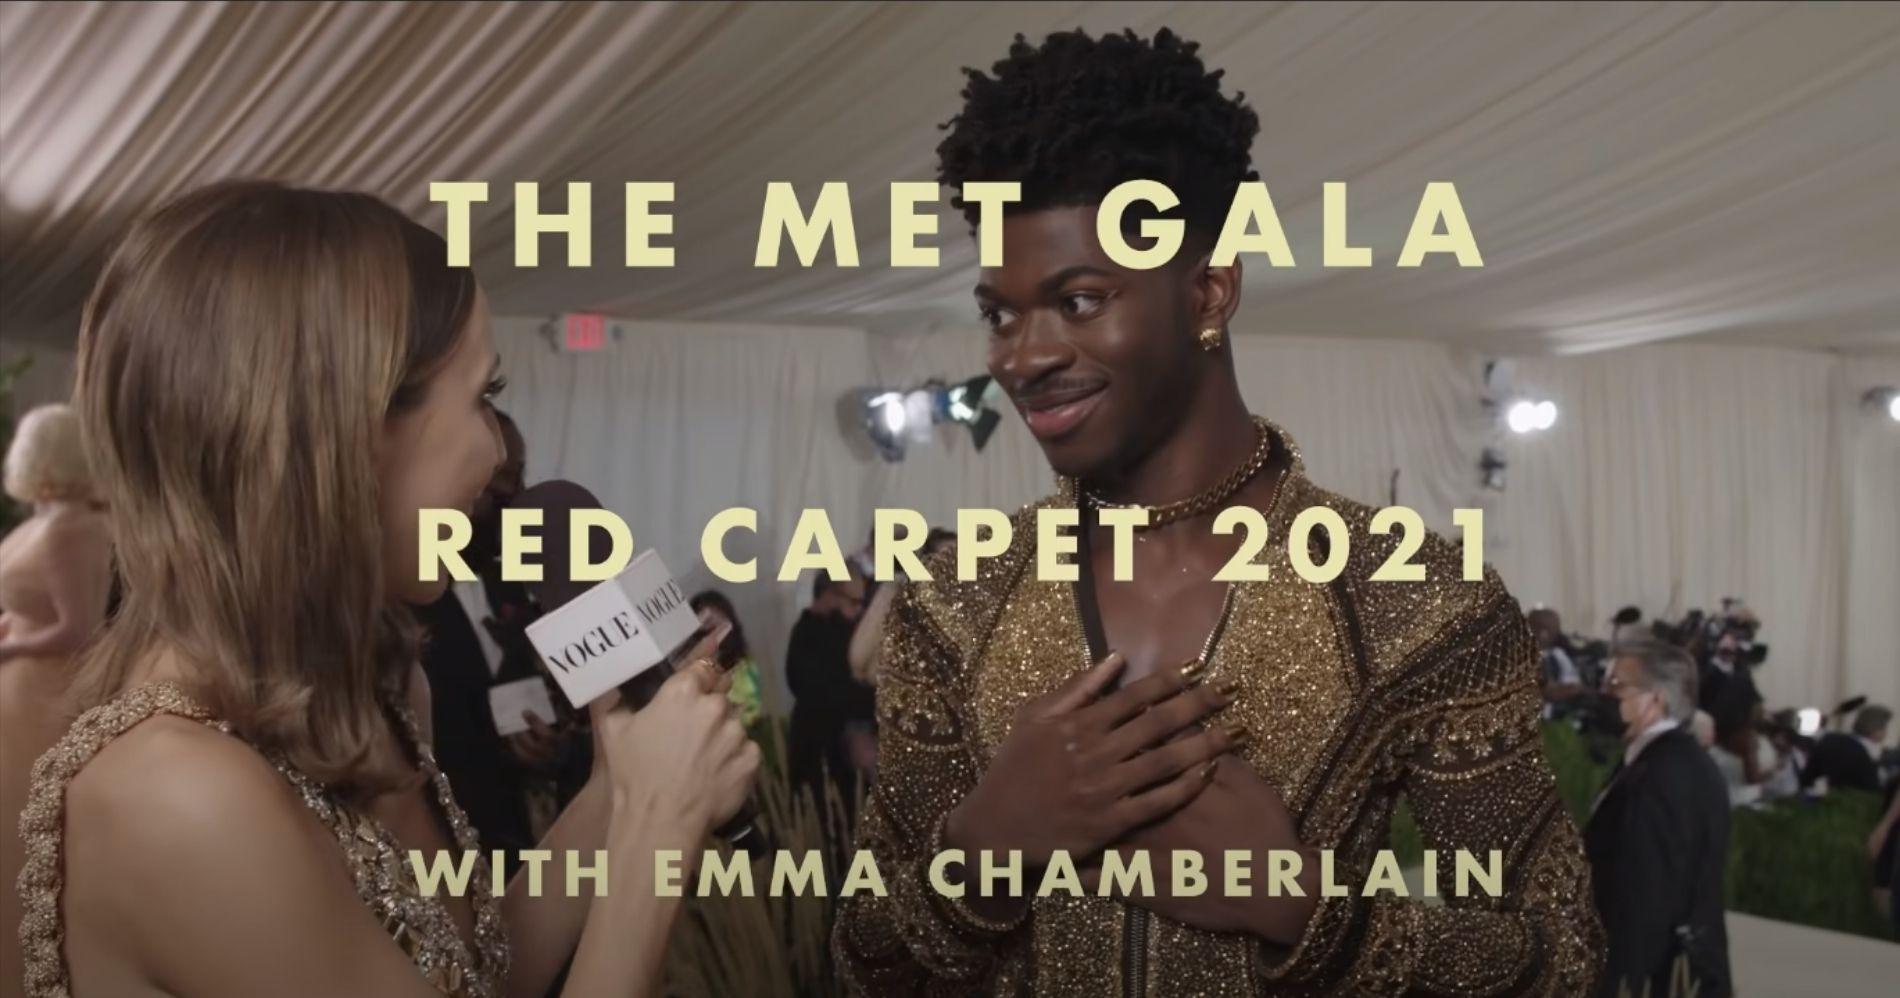 Met Gala 2021 Illustration Web Bisnis Muda - Image: Kanal Youtube Vogue